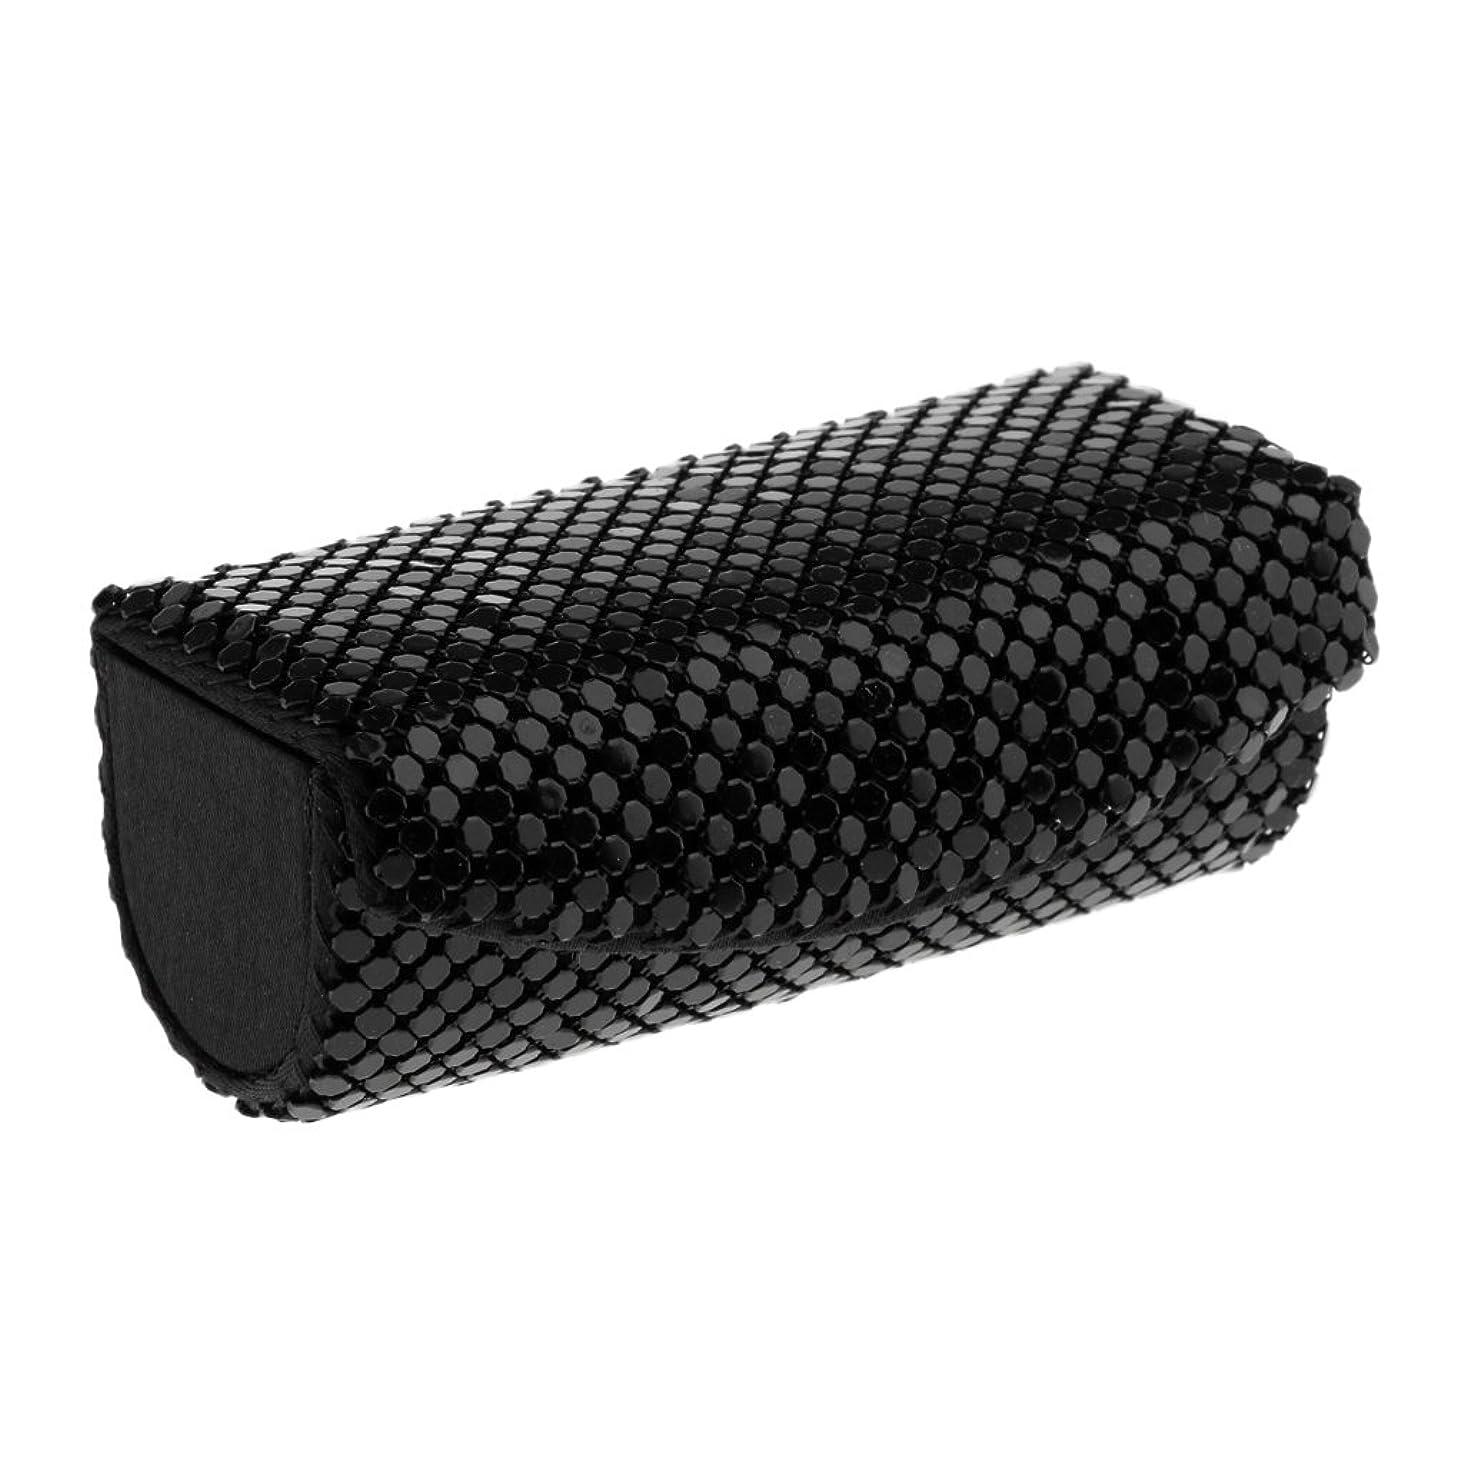 祝うリングアンソロジーPerfk 化粧収納ケース コスメ収納 リップスティック リップグロス オイル 口紅 収納ケース 四葉のクローバー ミラー 付き メイクアップ 6色選べる - ブラック